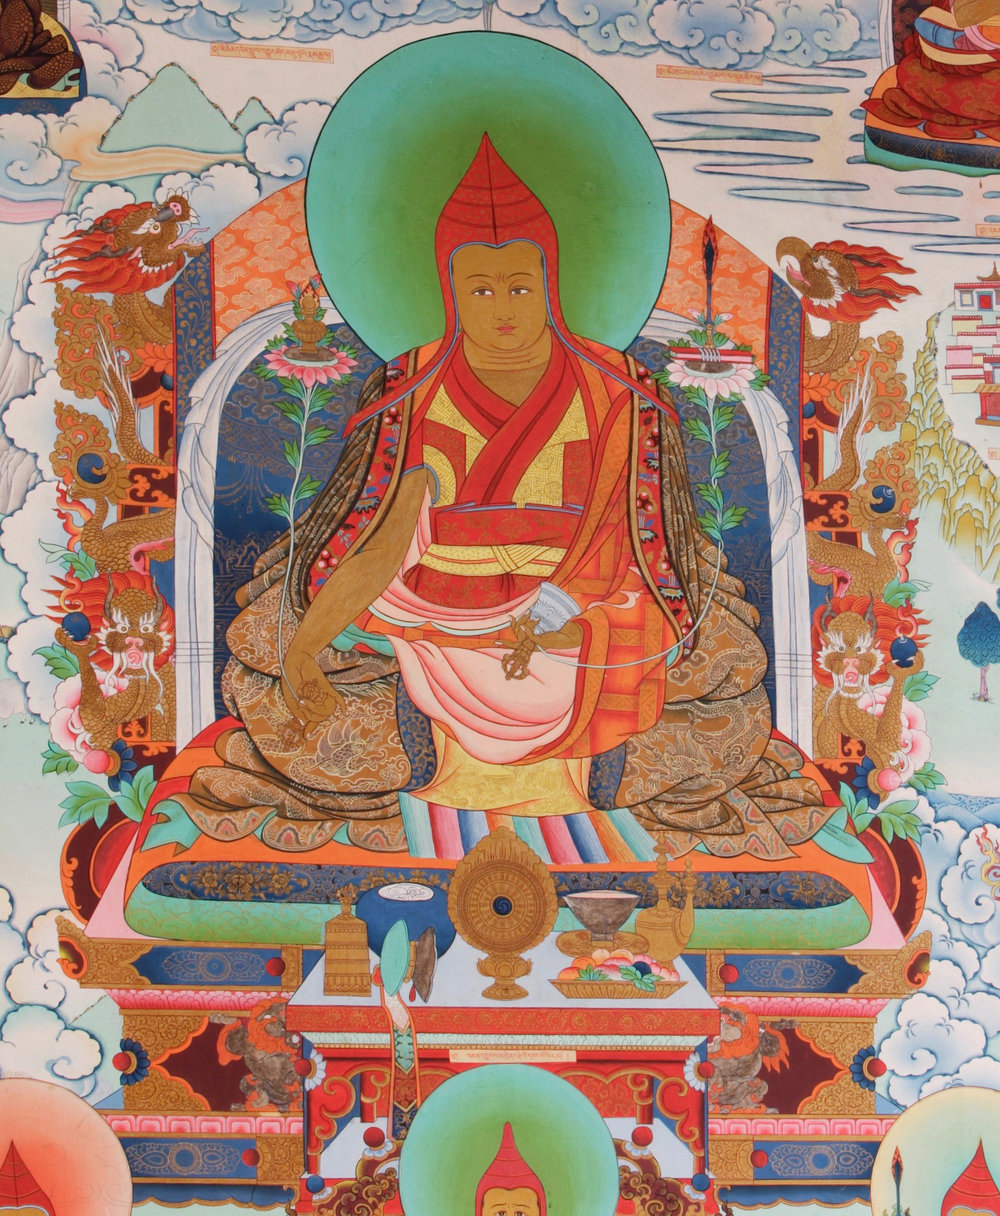 ✔️Jamyang Khyentse Wangpo